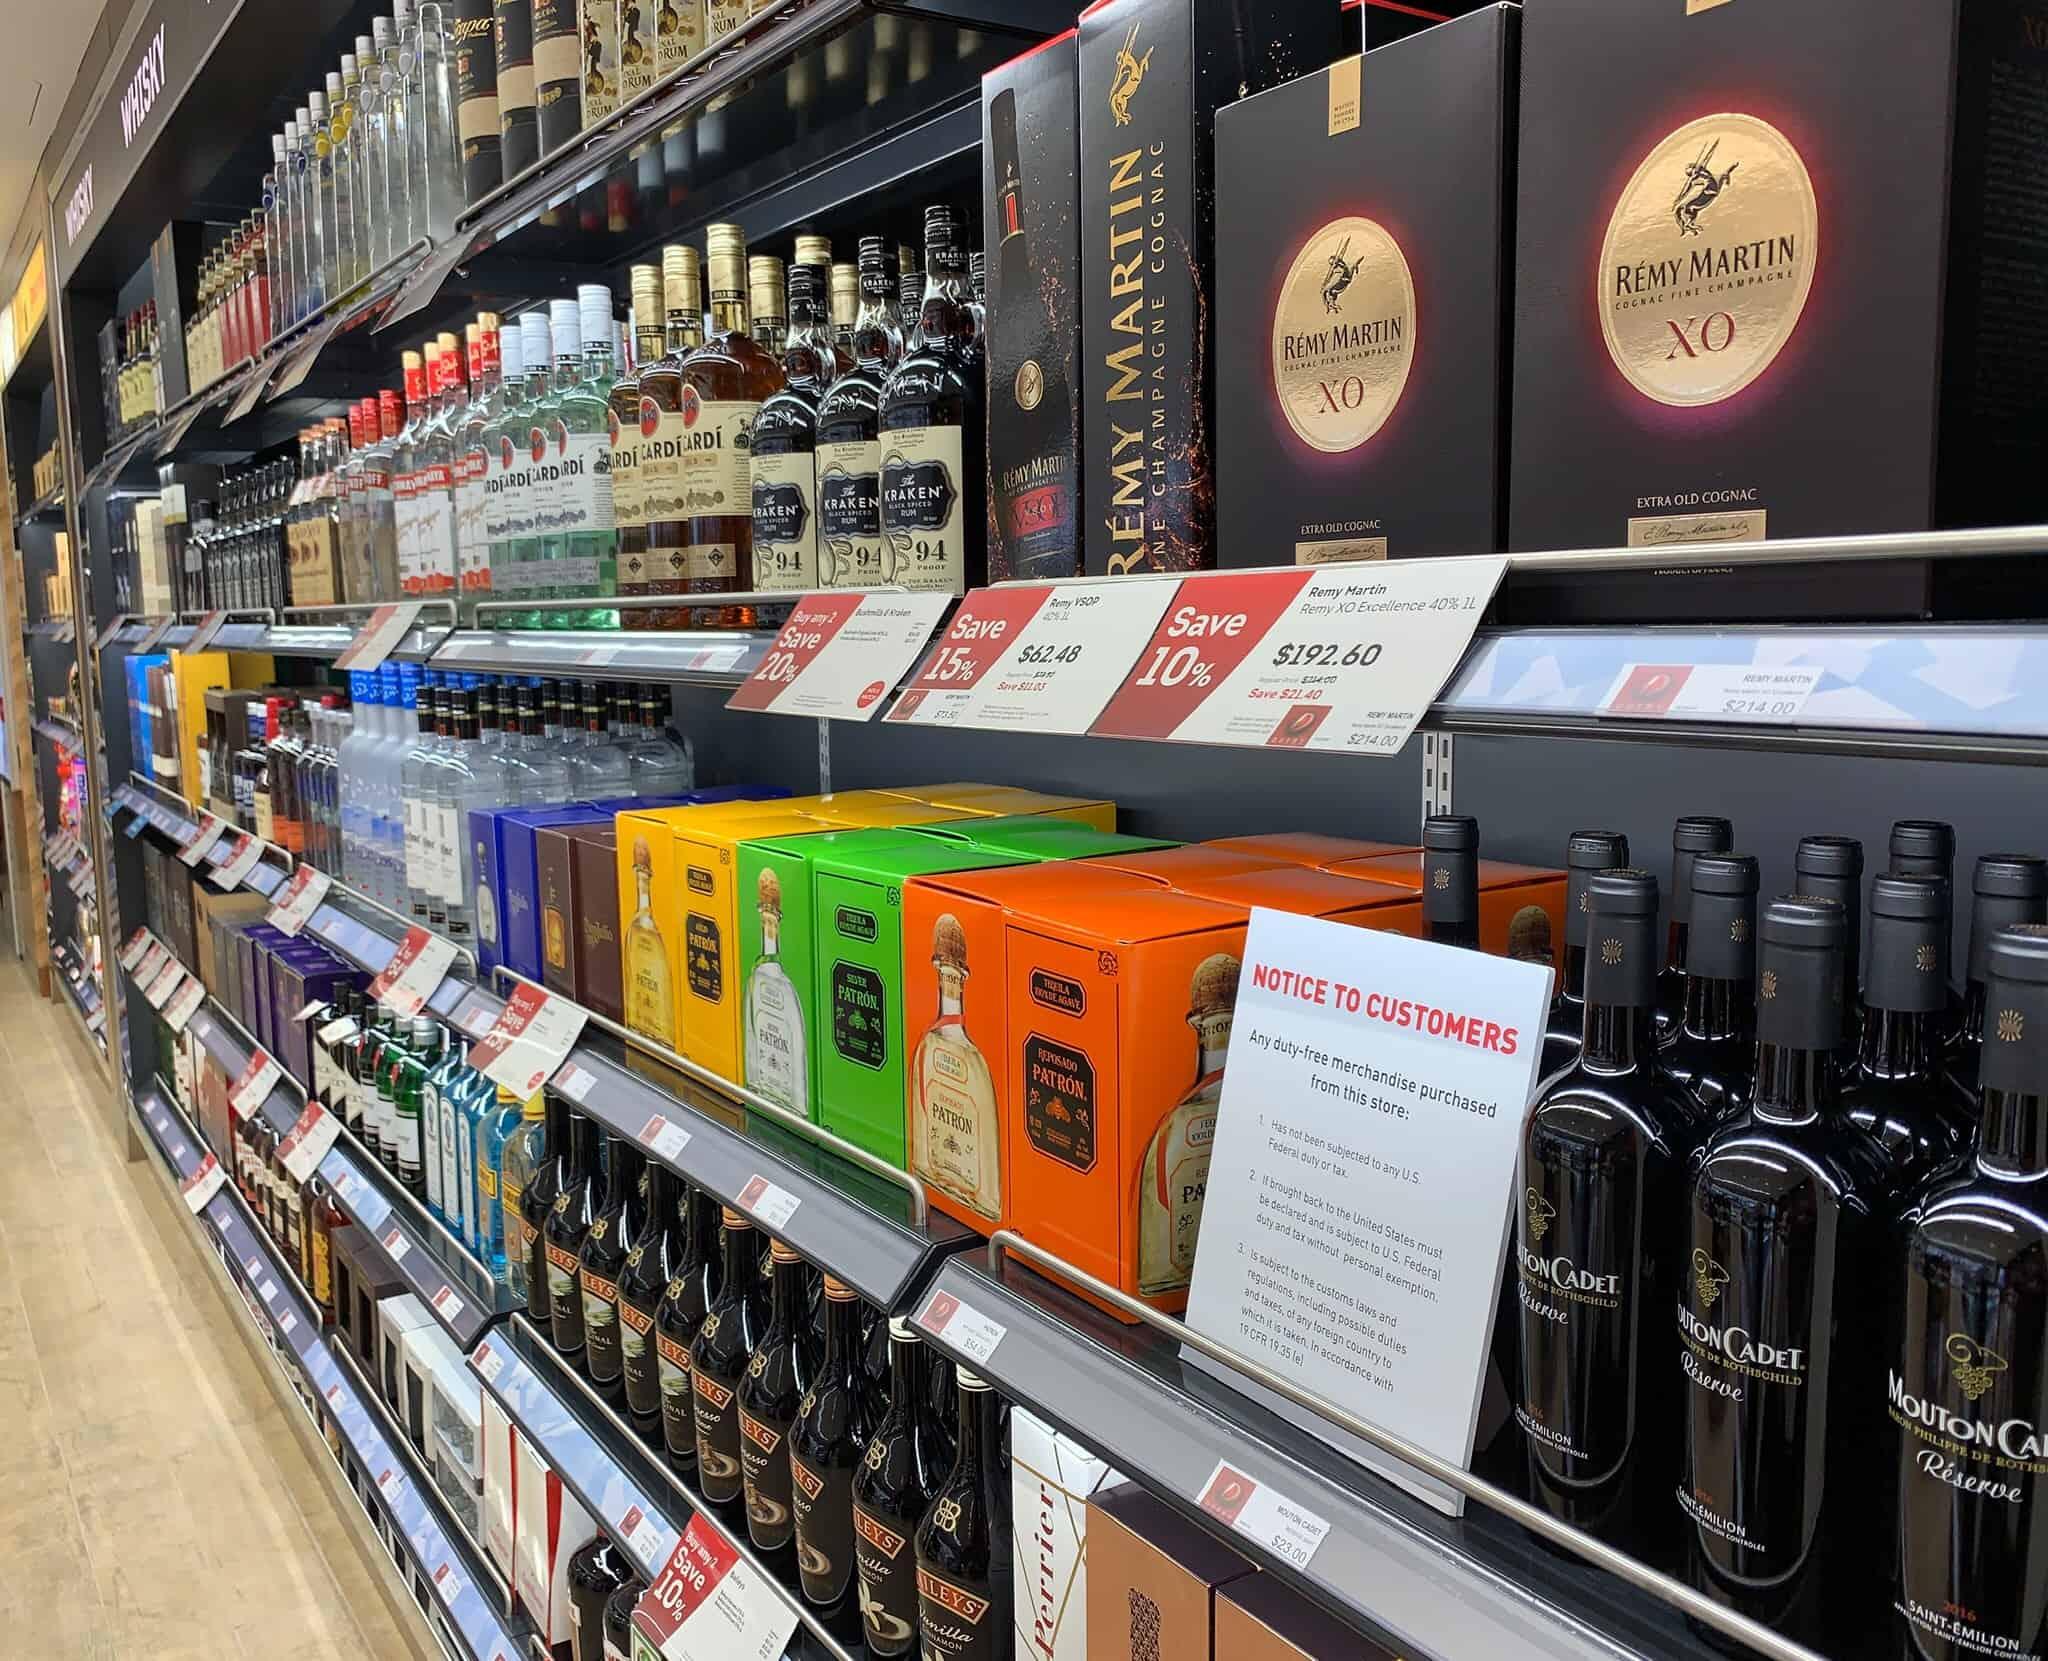 duty free bottles on shelf